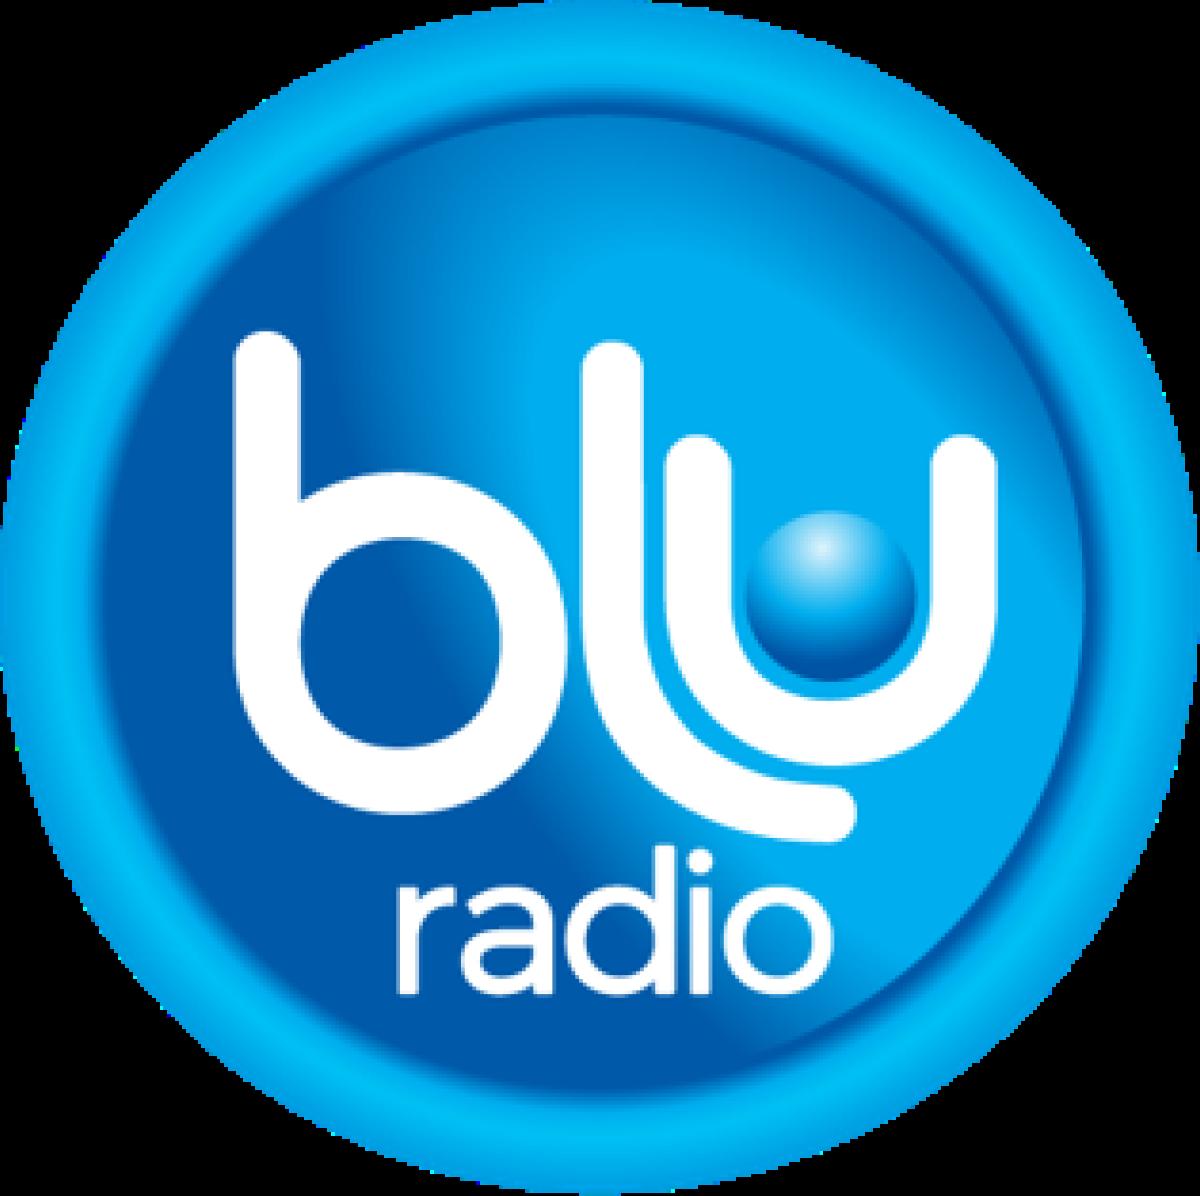 Blu Radio señal en vivo, Noticias de Colombia y el Mundo